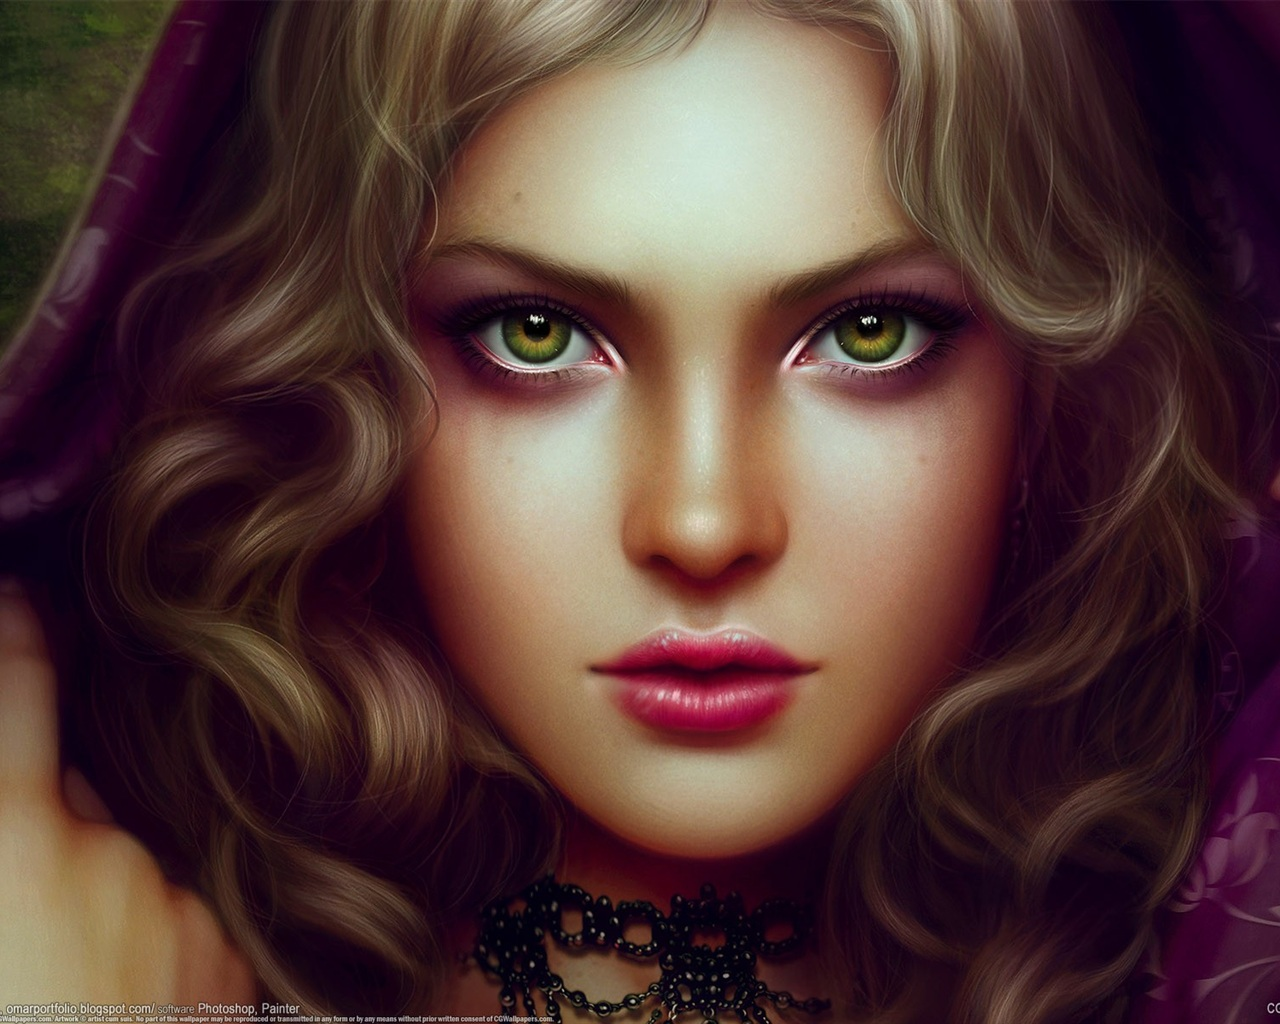 Картинки по запросу fille aux yeux verts